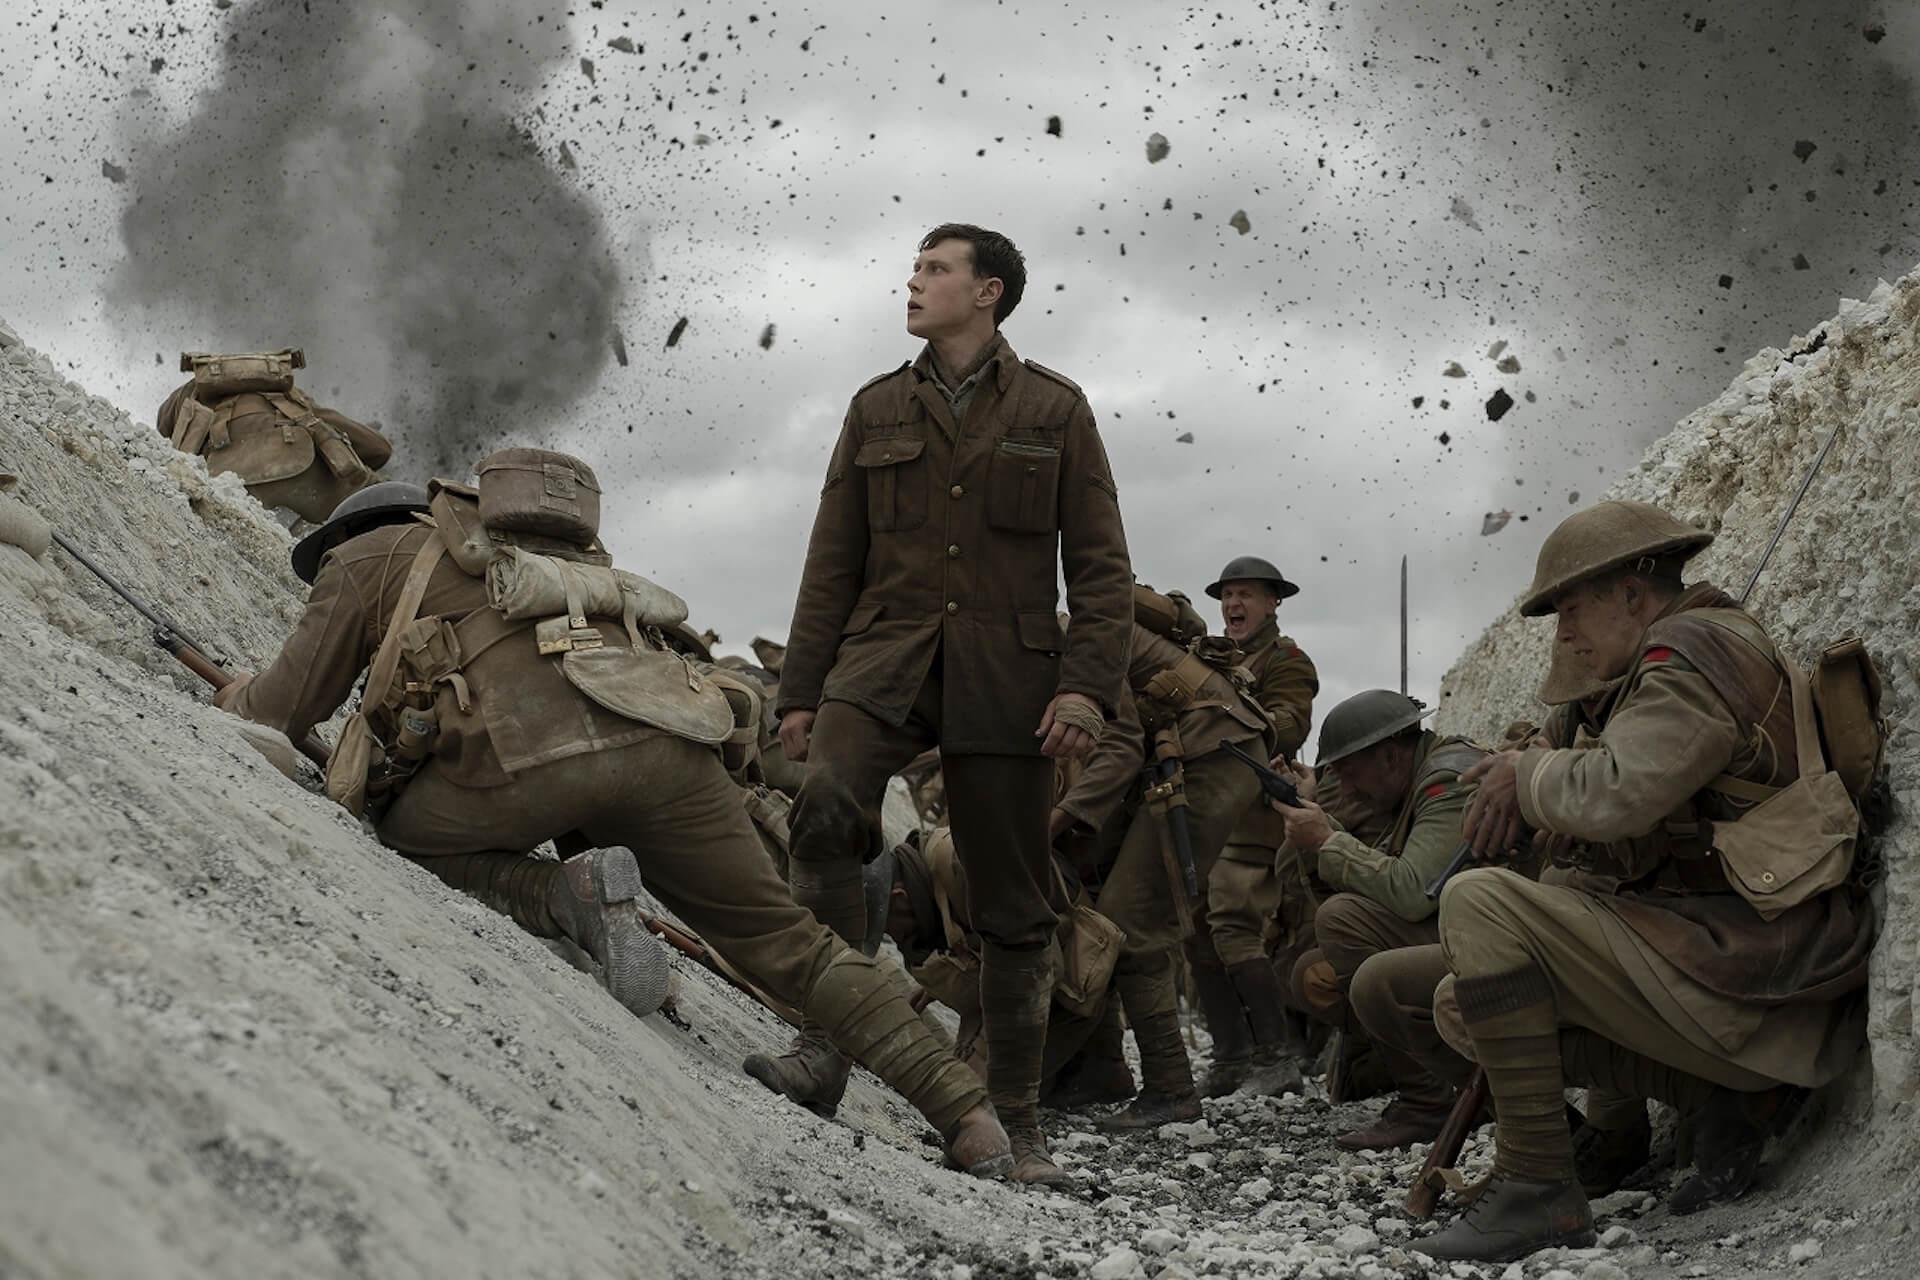 『1917 命をかけた伝令』でアカデミー賞を受賞したロジャー・ディーキンスと監督サム・メンデスが語るワンカット撮影のこだわりとは? film200220_1917maiking_11